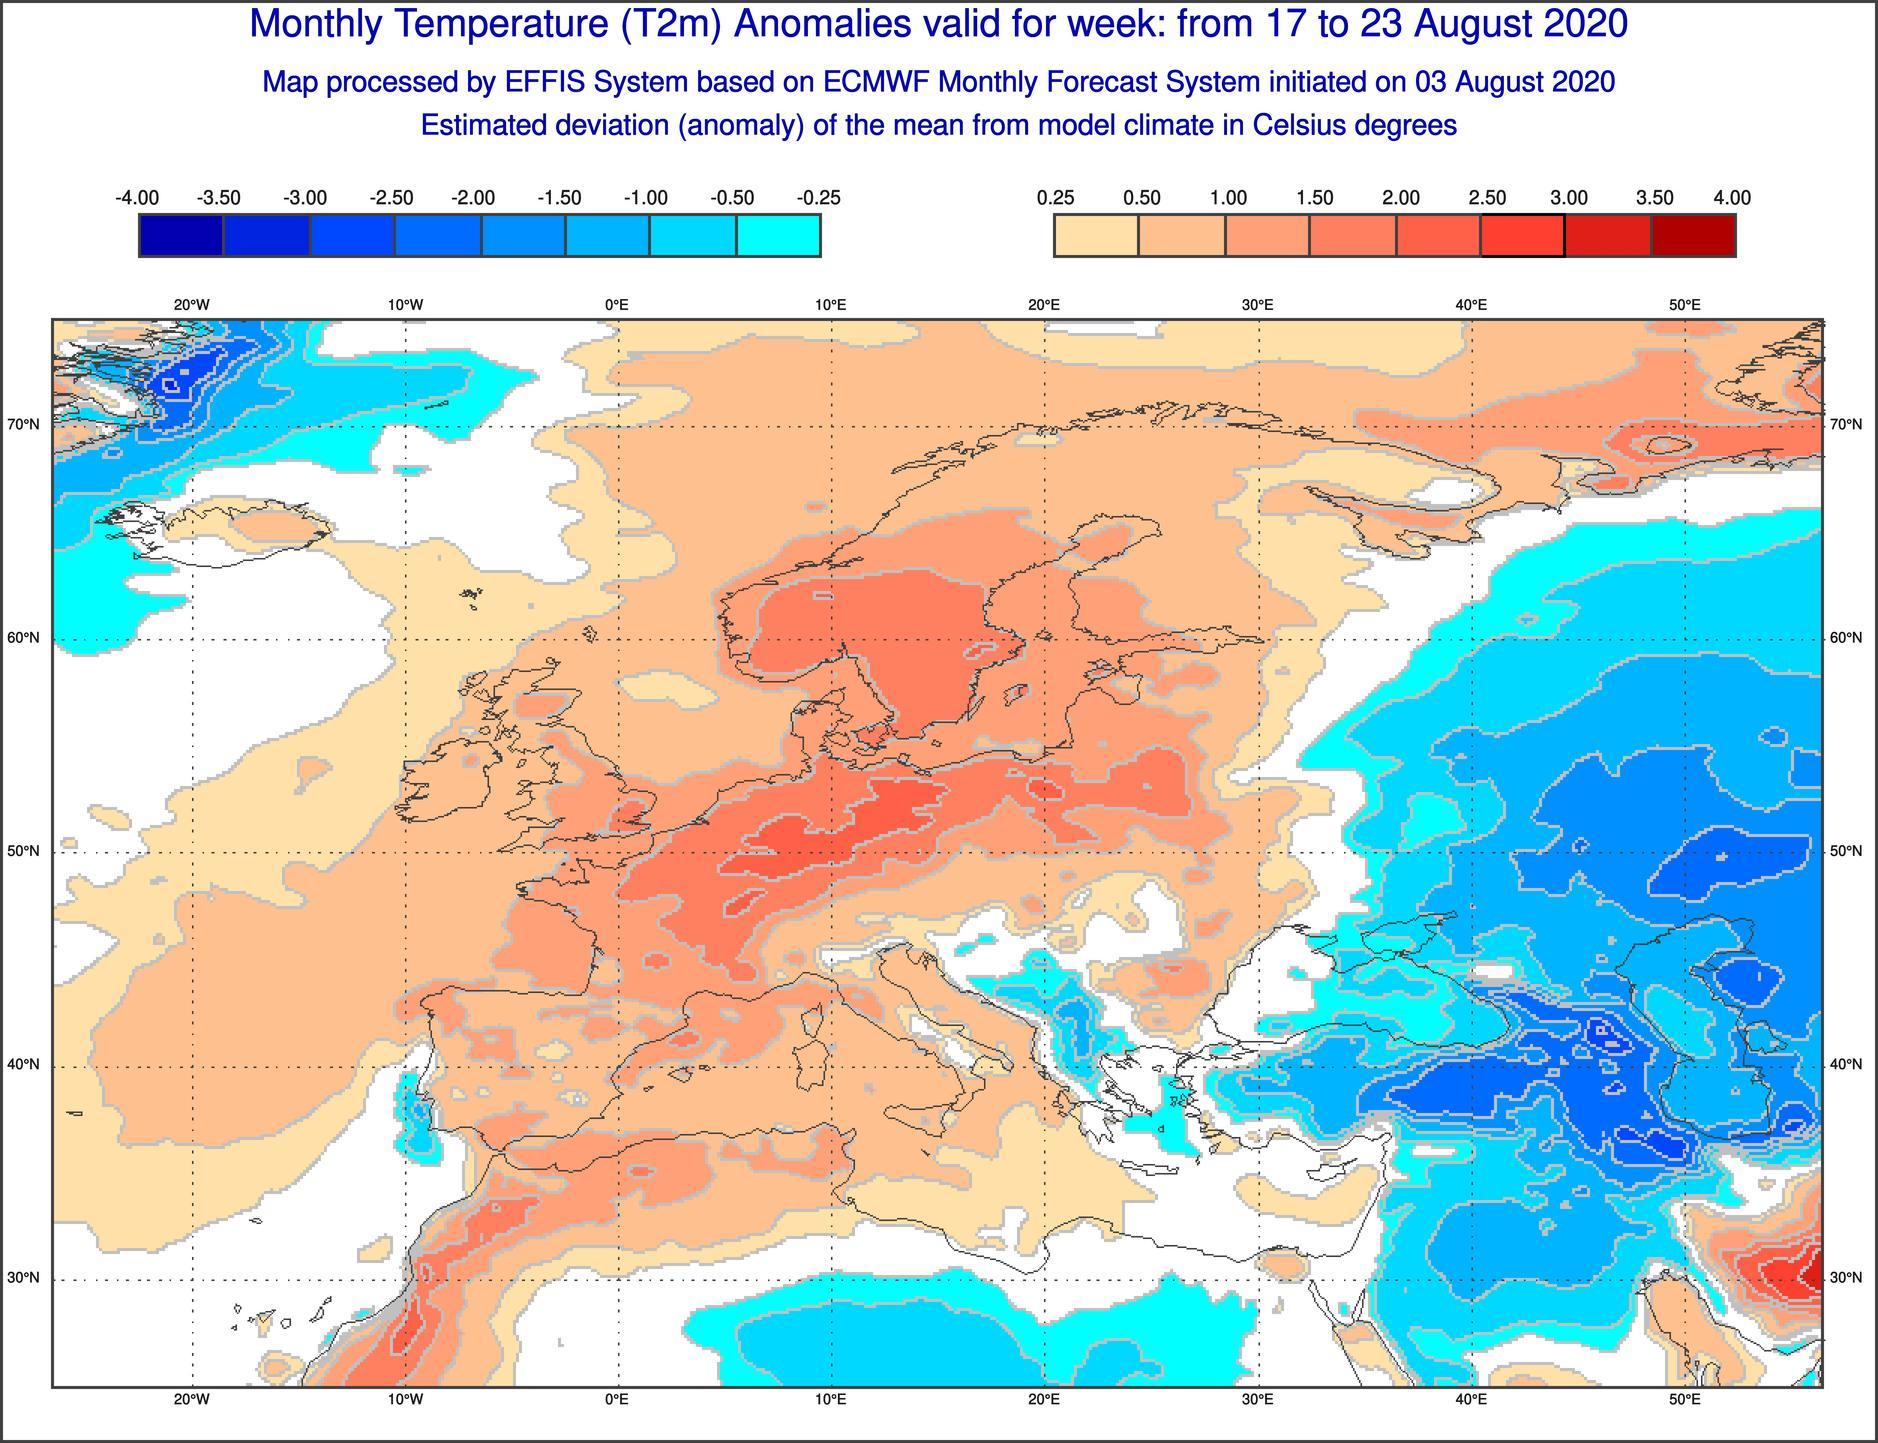 Anomalie di temperatura previste tra il 17 e il 23 agosto - effis.jrc.ec.europa.eu